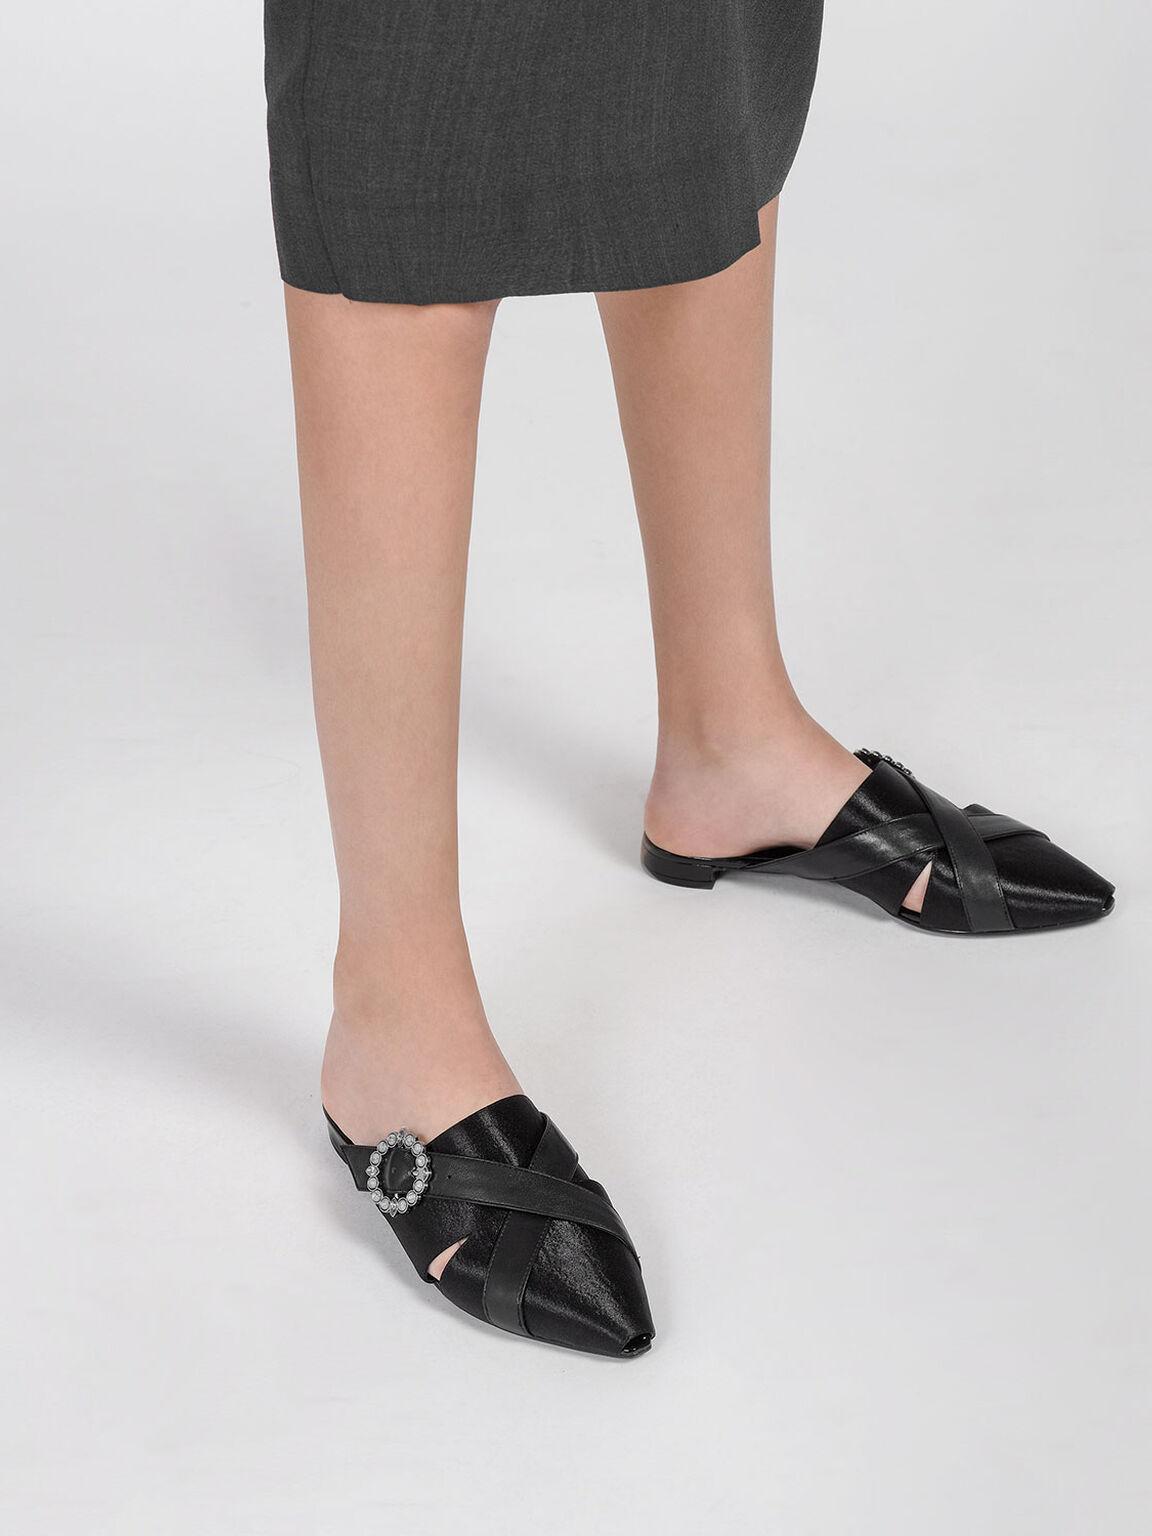 Embellished Buckle Mules, Black, hi-res